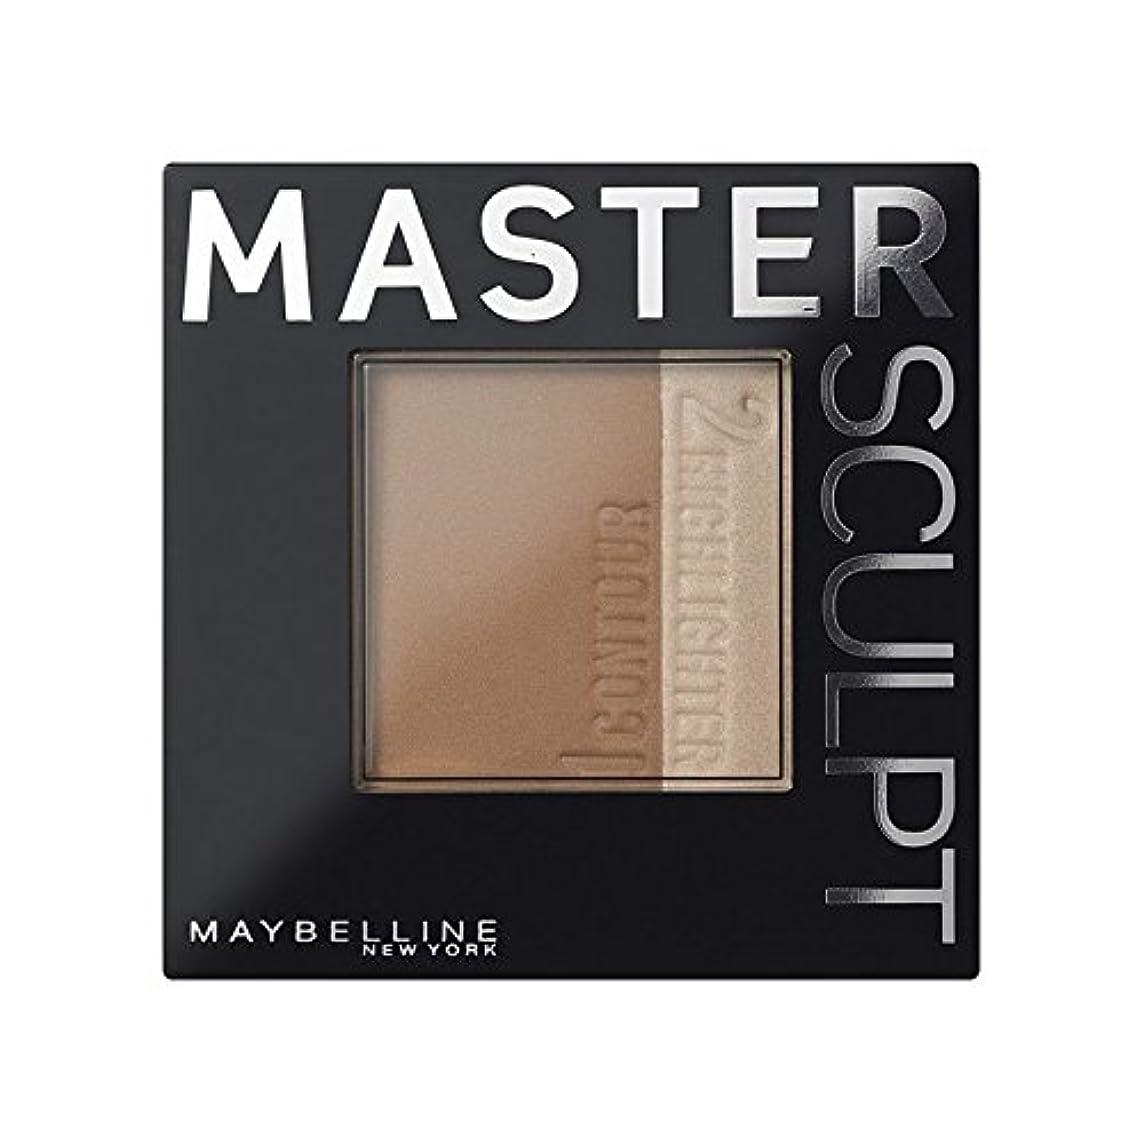 最後に逆汚れた土台01光/ を輪郭メイベリンマスタースカルプト x4 - Maybelline Master Sculpt Contouring Foundation 01 Light/Med (Pack of 4) [並行輸入品]